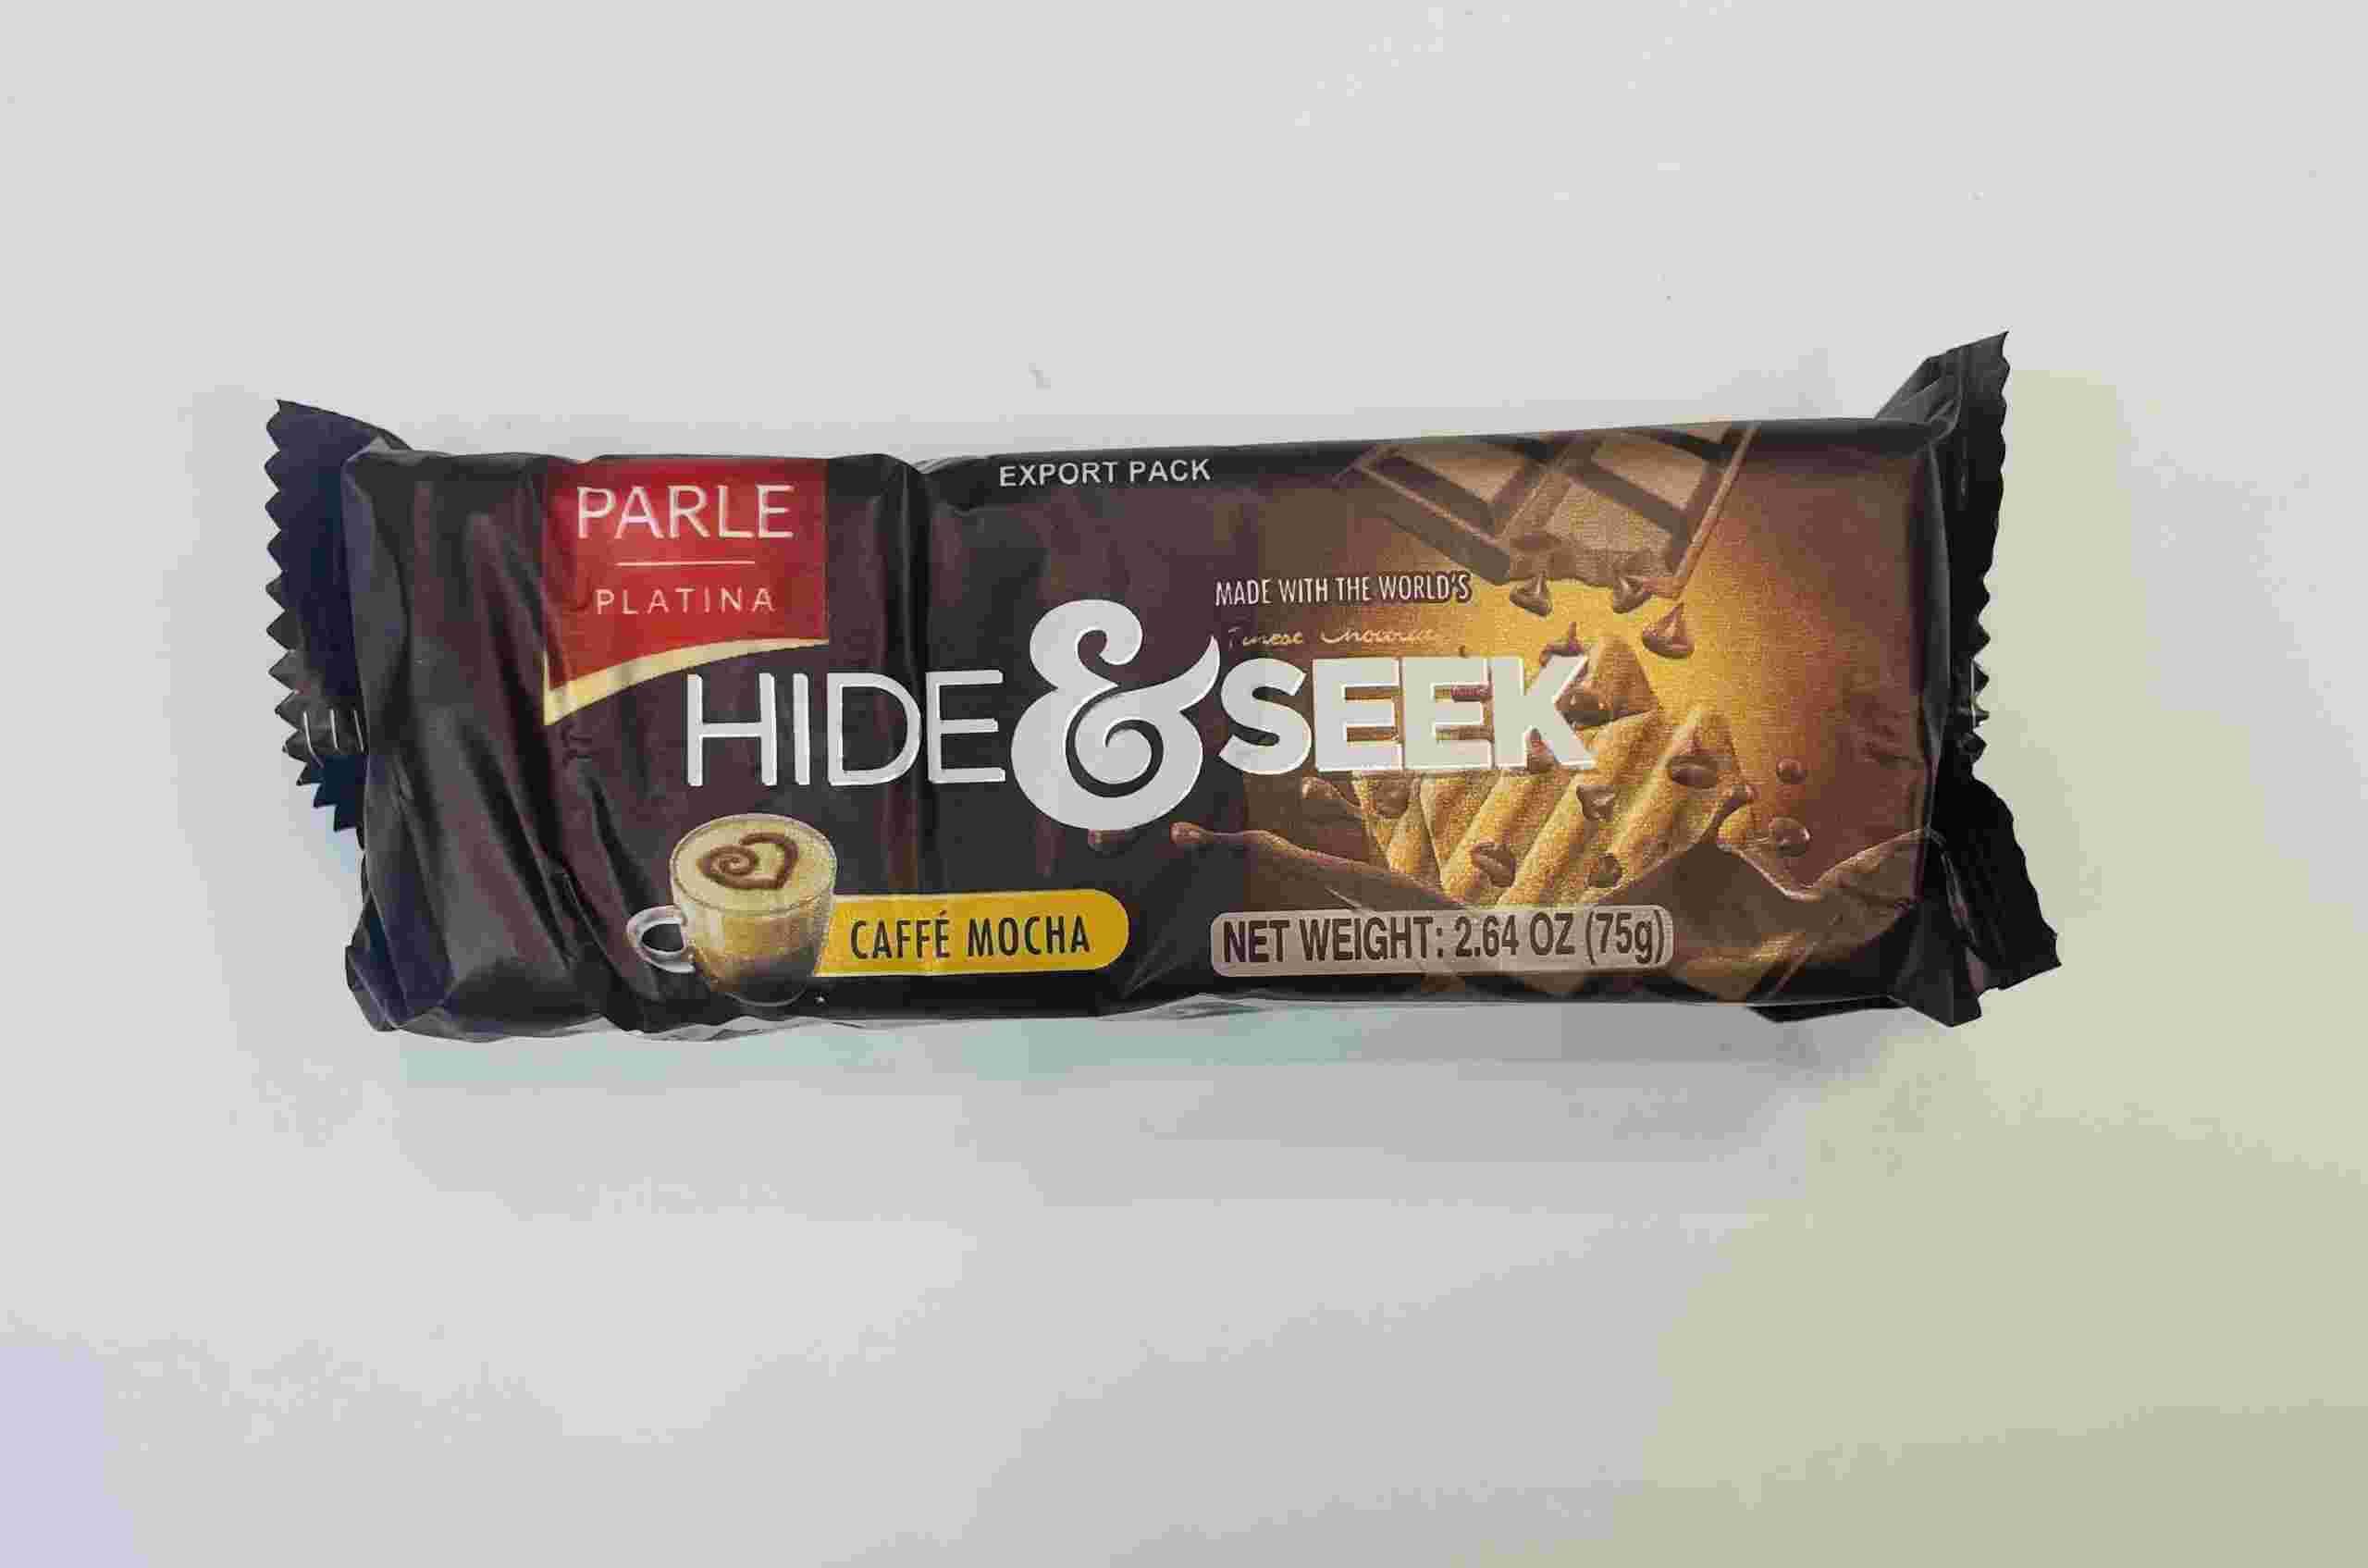 Parle Hide & Seek Caffe Mocha